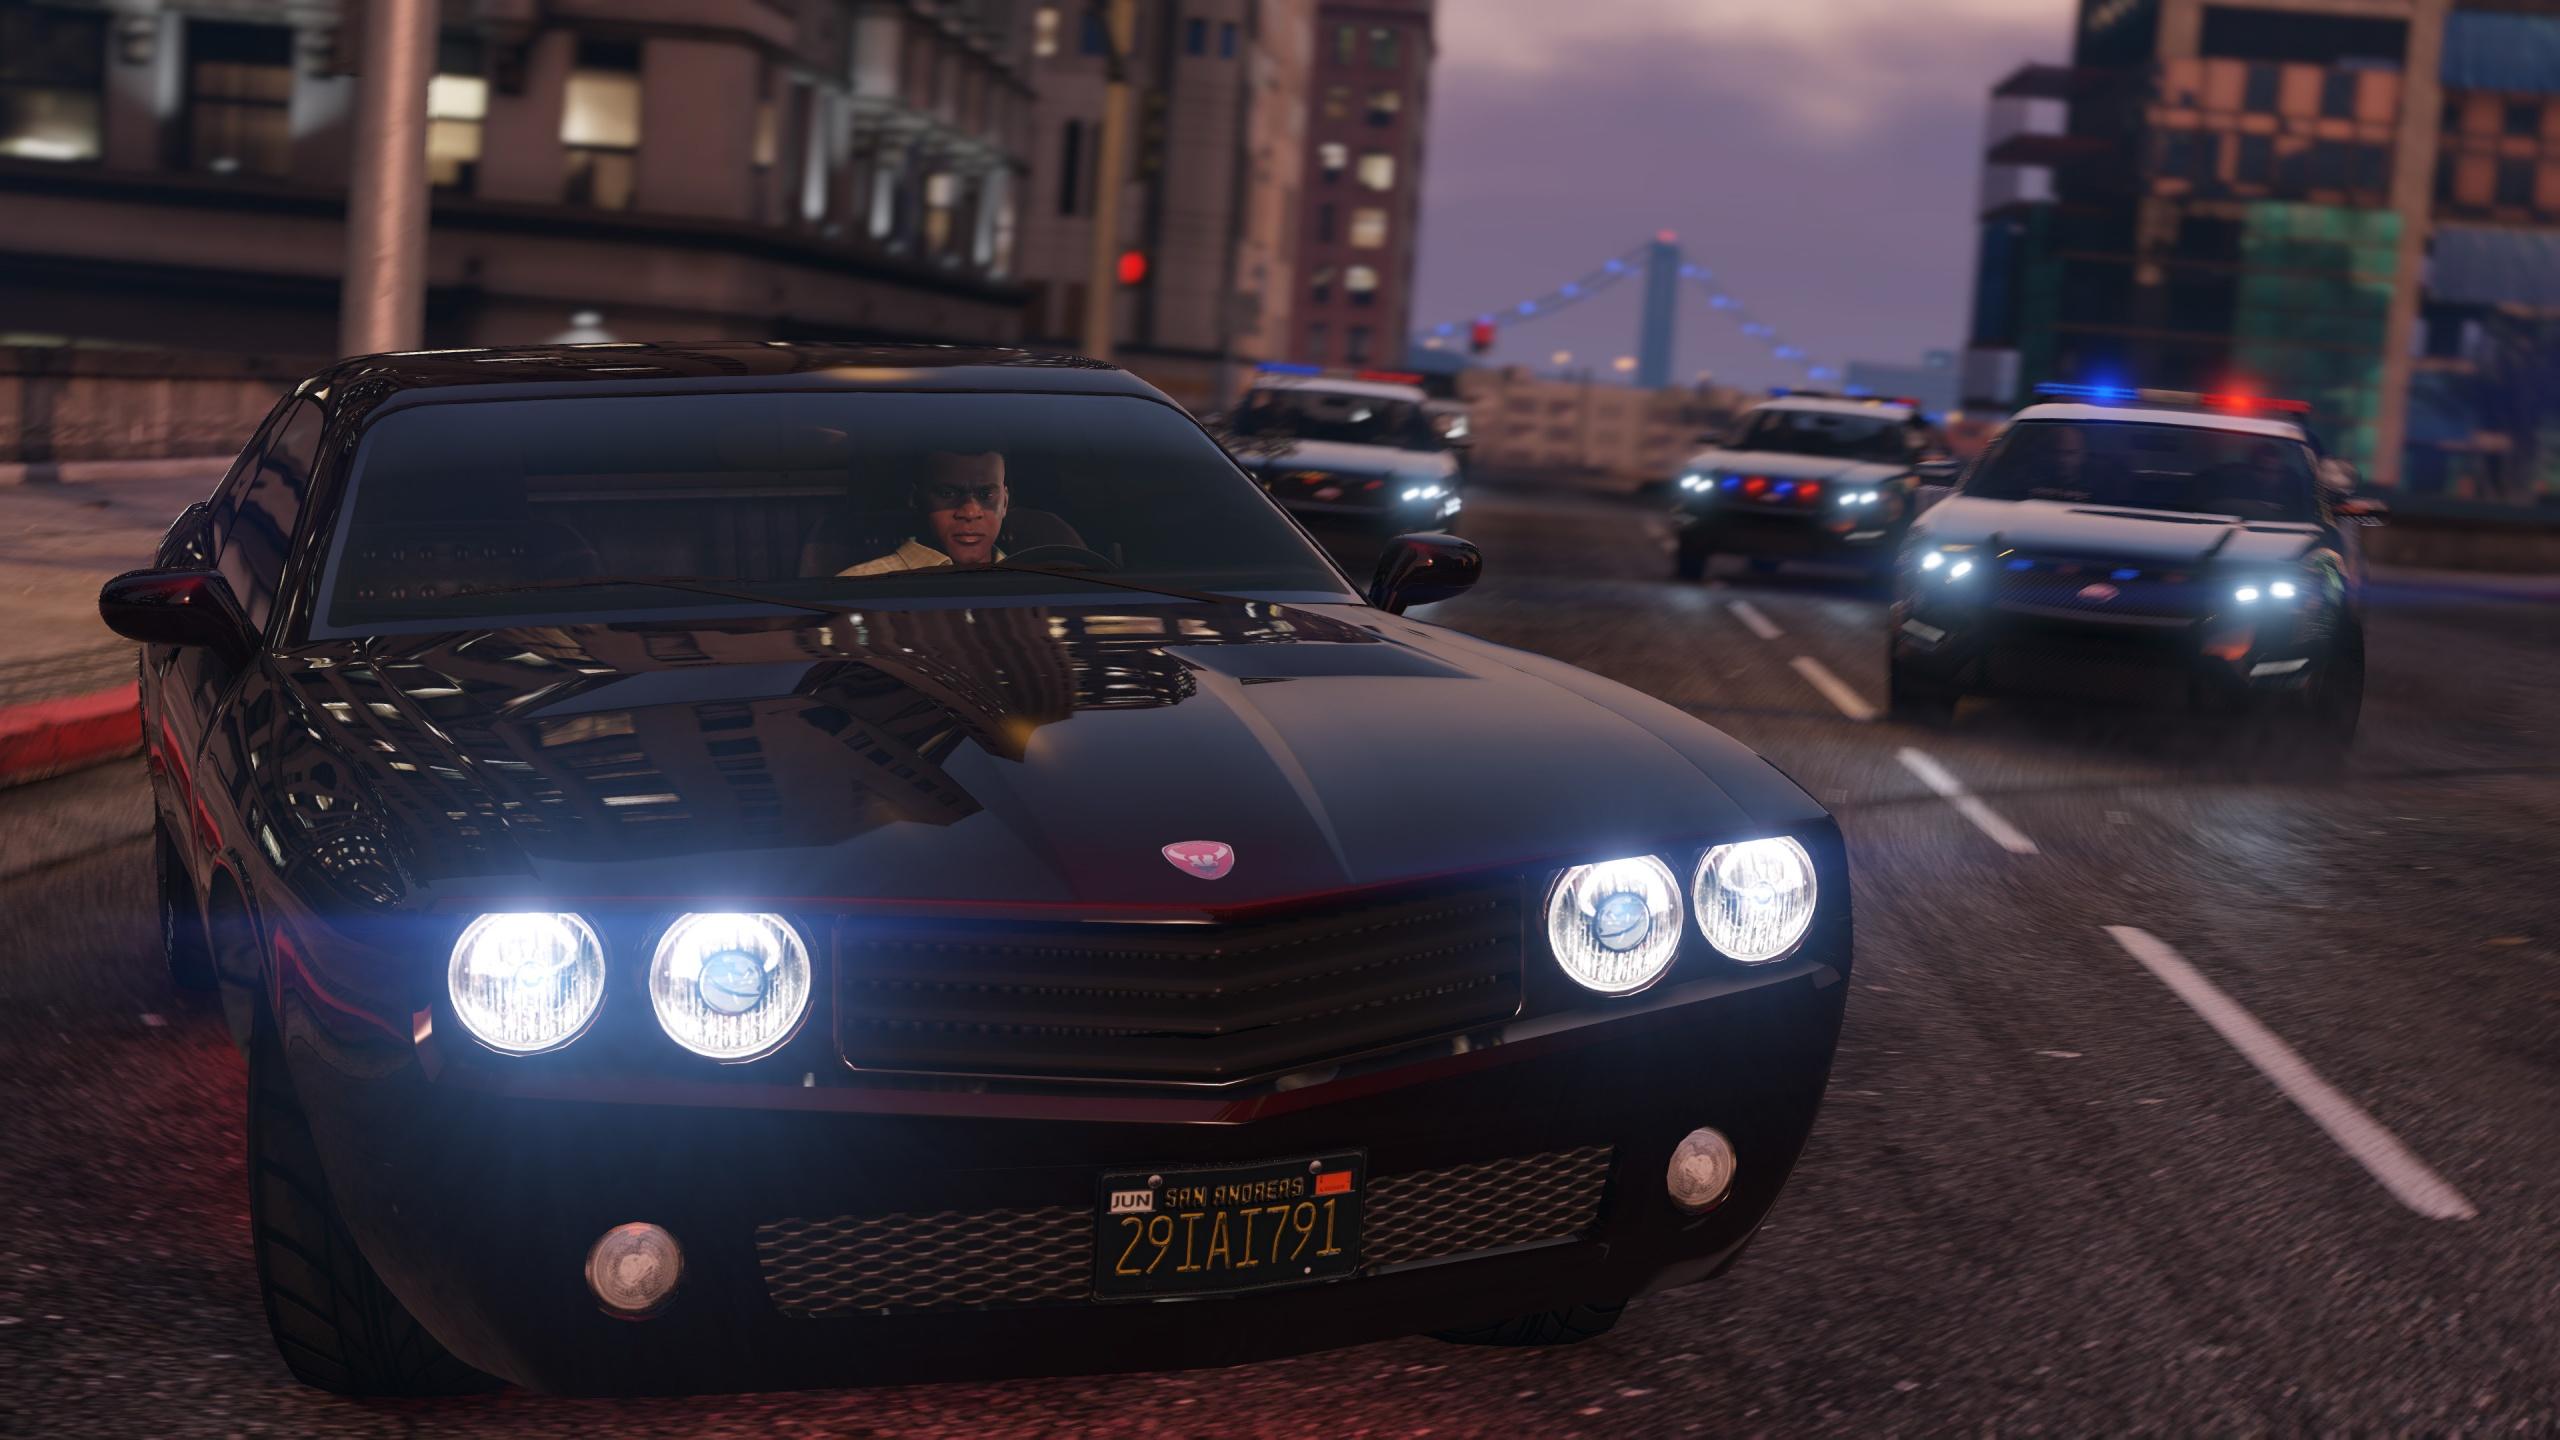 Best GTA V Settings For High FPS